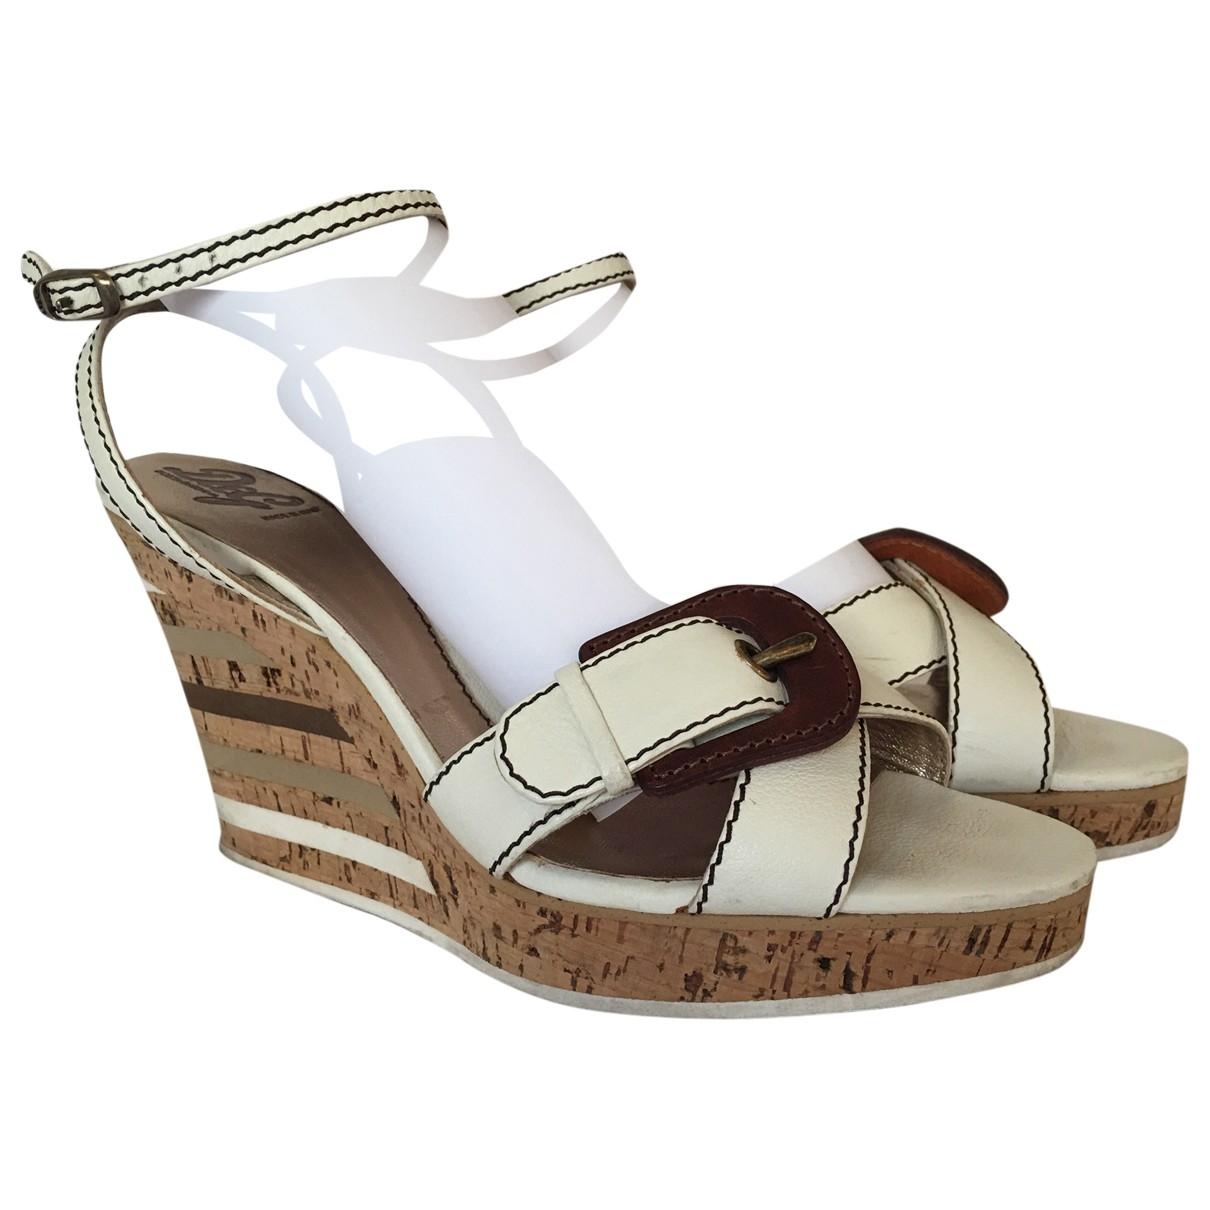 Sandalias romanas de Cuero D&g